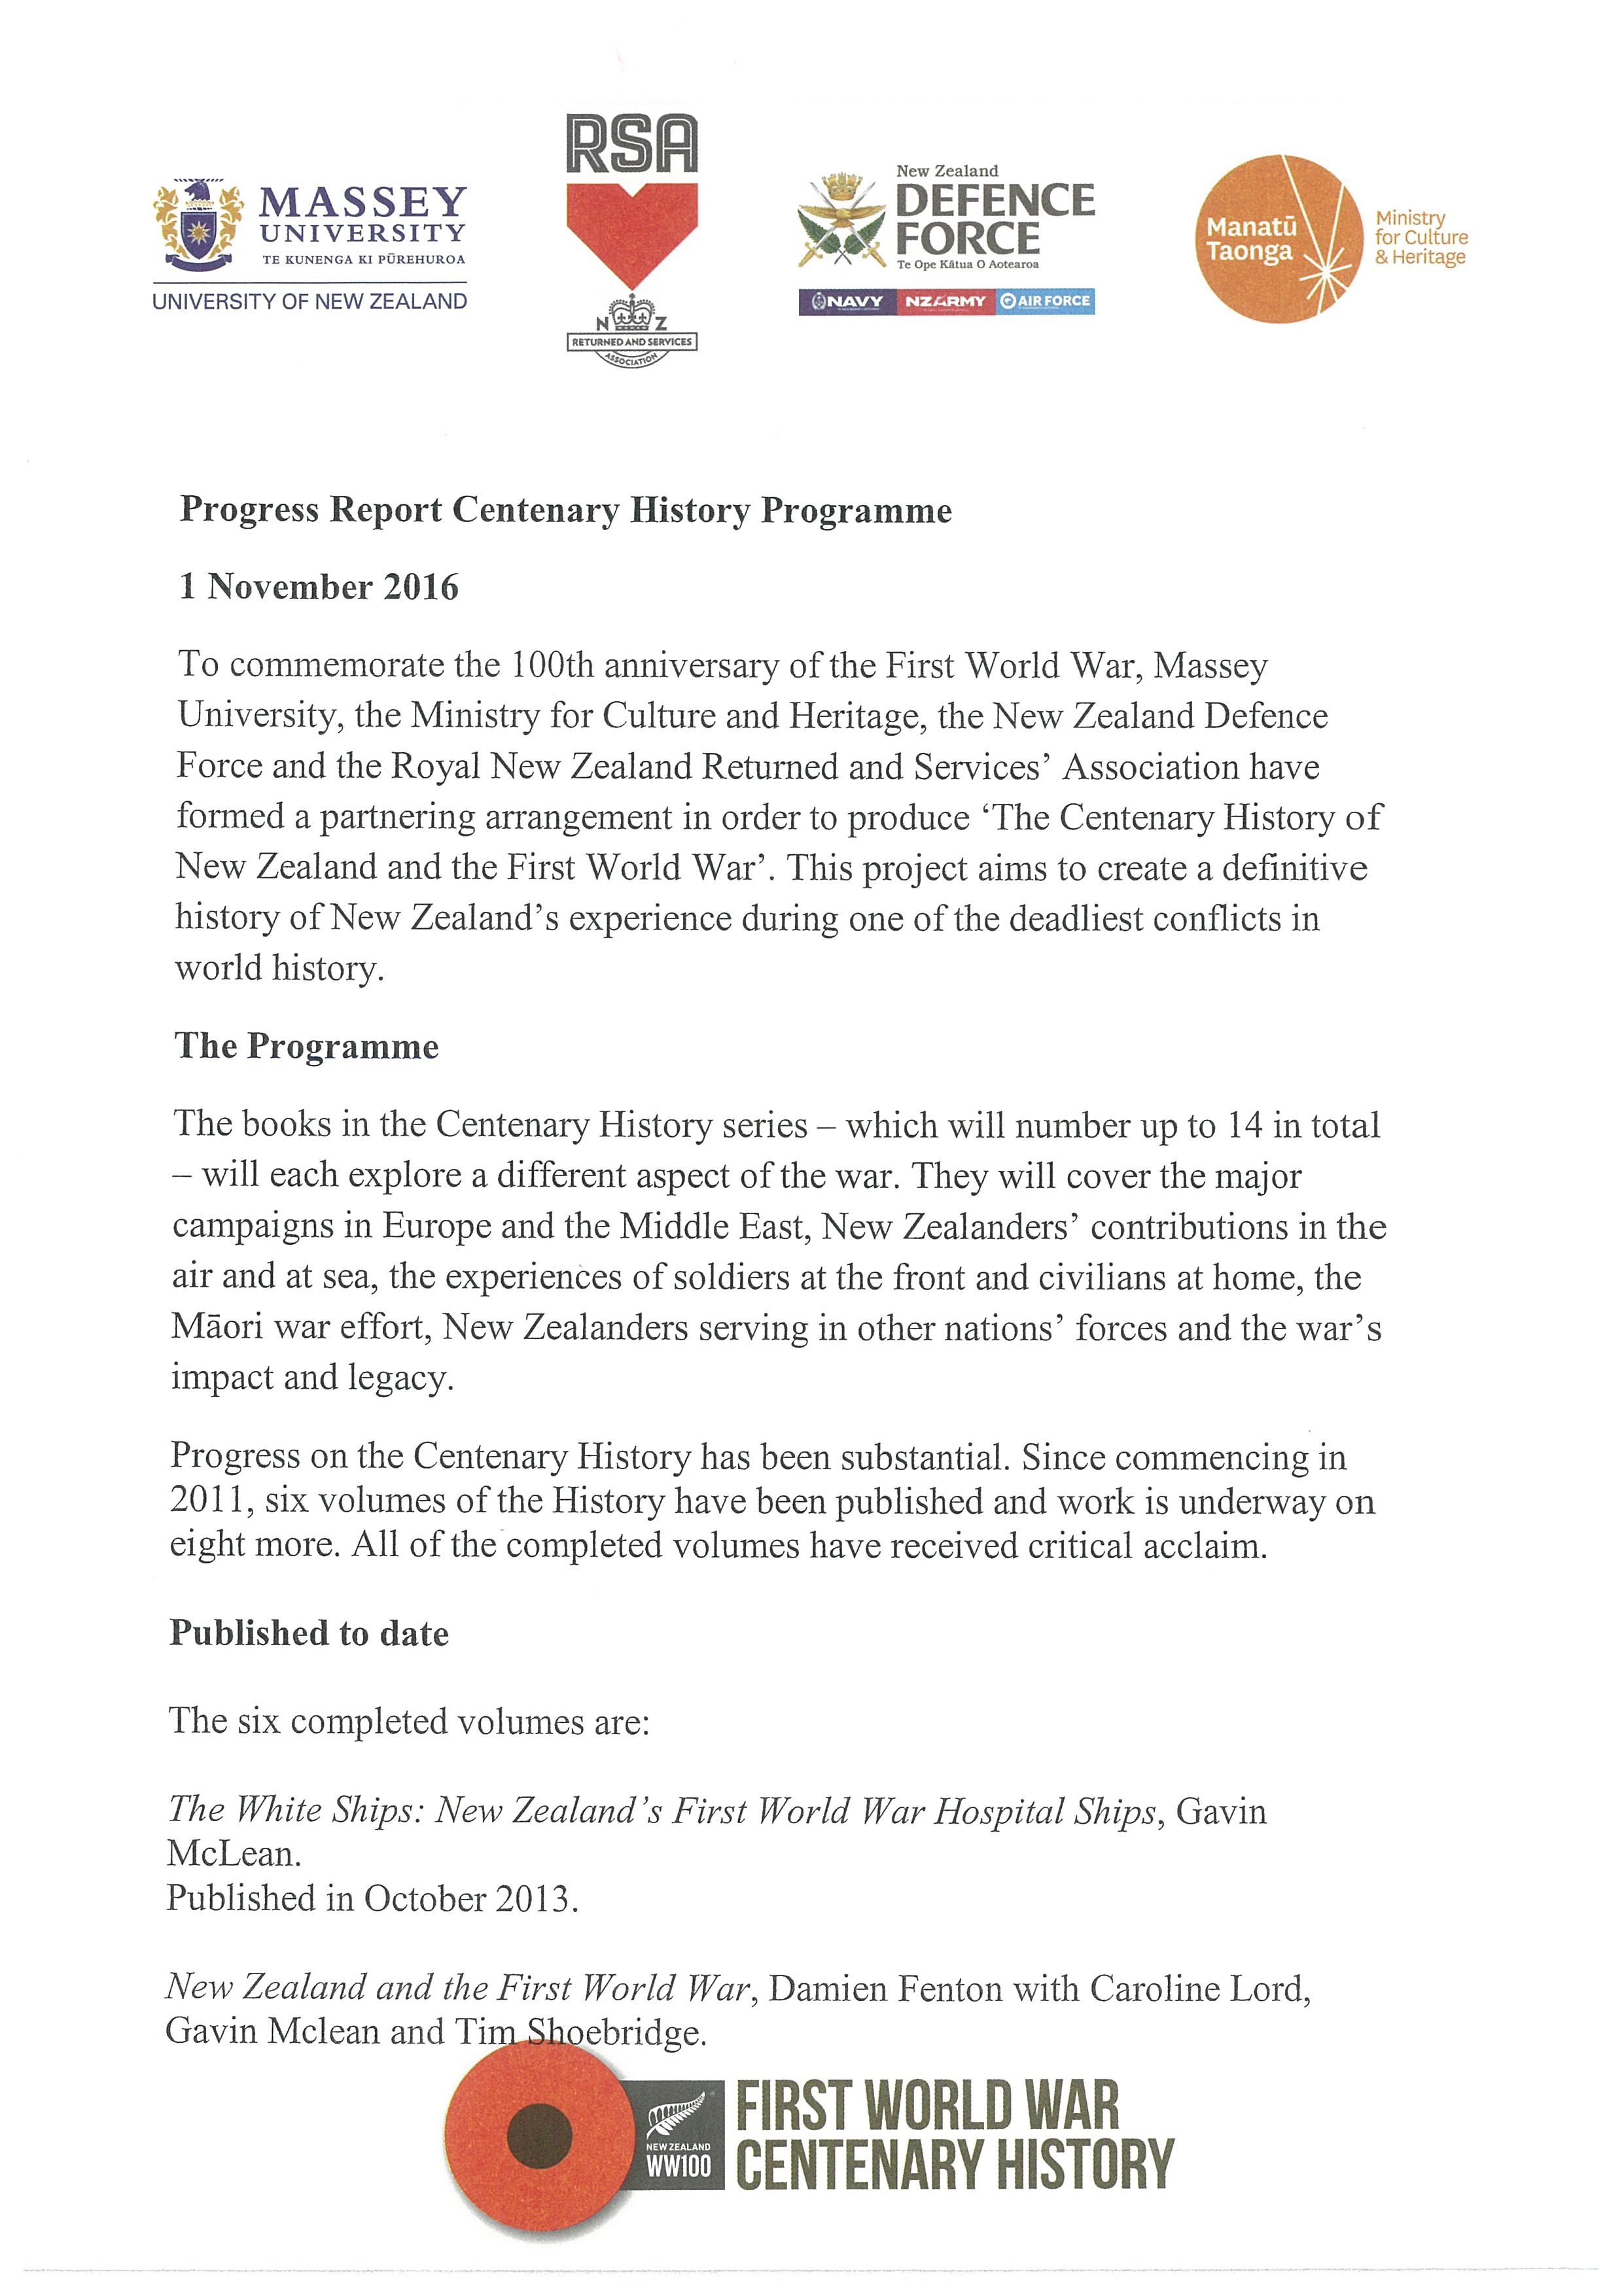 Updated Progress Report